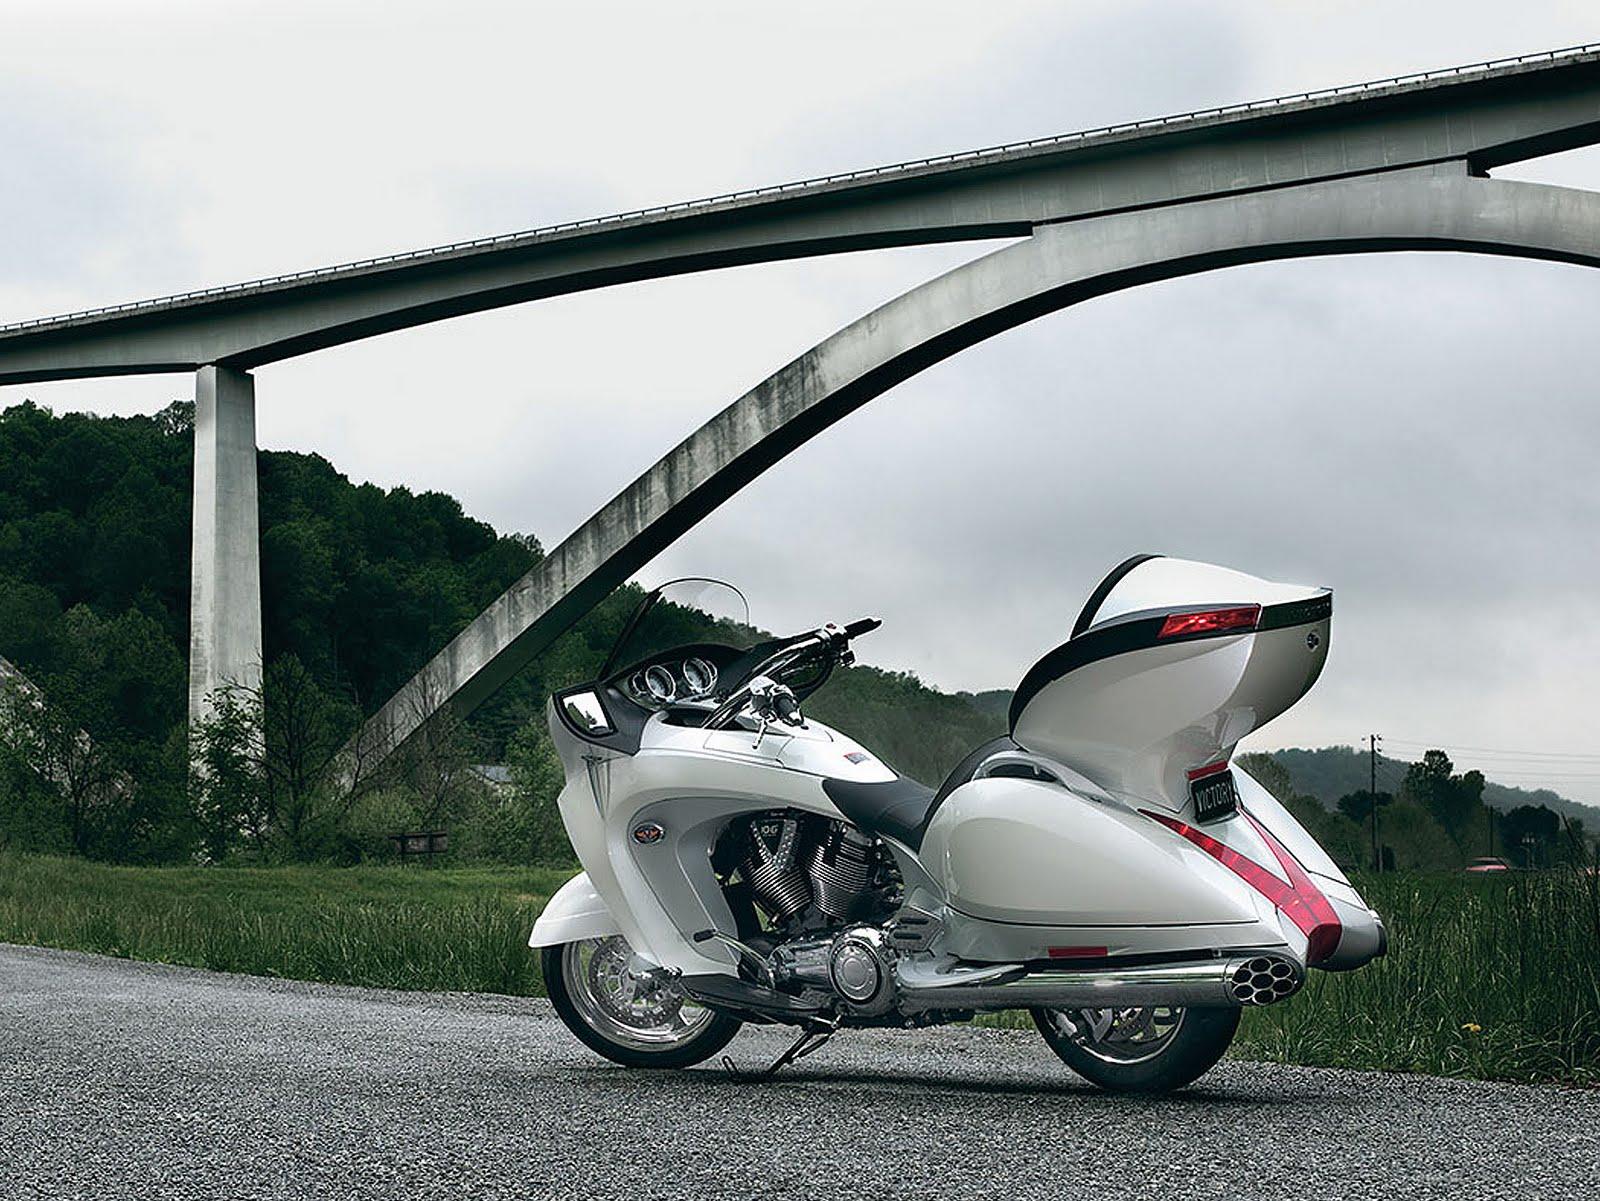 http://4.bp.blogspot.com/-Rbz5kUMUnJQ/Tm7IBAyctAI/AAAAAAAAA3U/ze6Gzl-a3zQ/s1600/Victory-Vision-Tour_2010_motorcycle-desktop-wallpaper_1.jpg